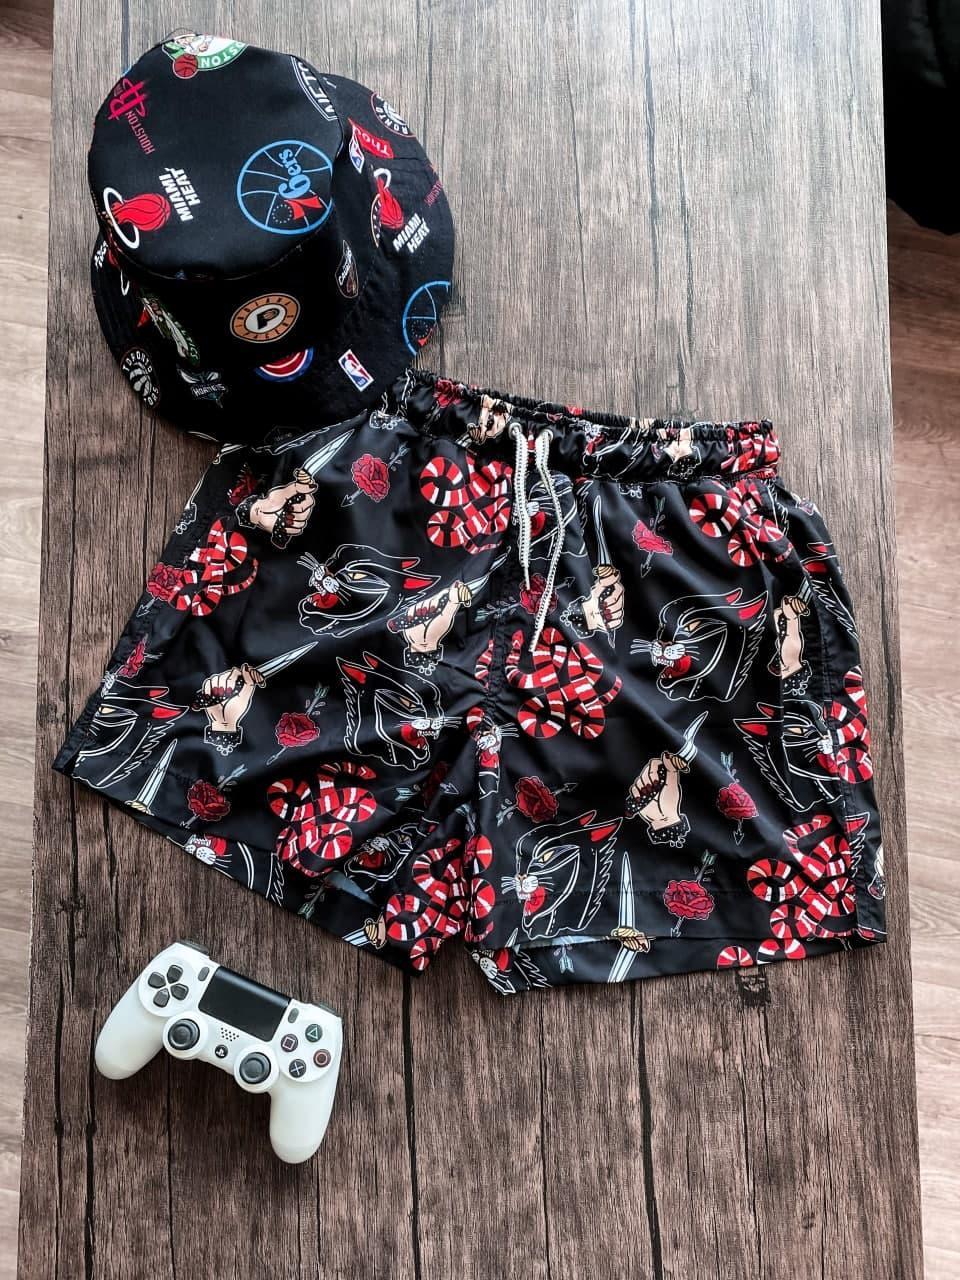 Мужские плавательные шорты с кинжалом (черные) для пляжа на лето Spl10